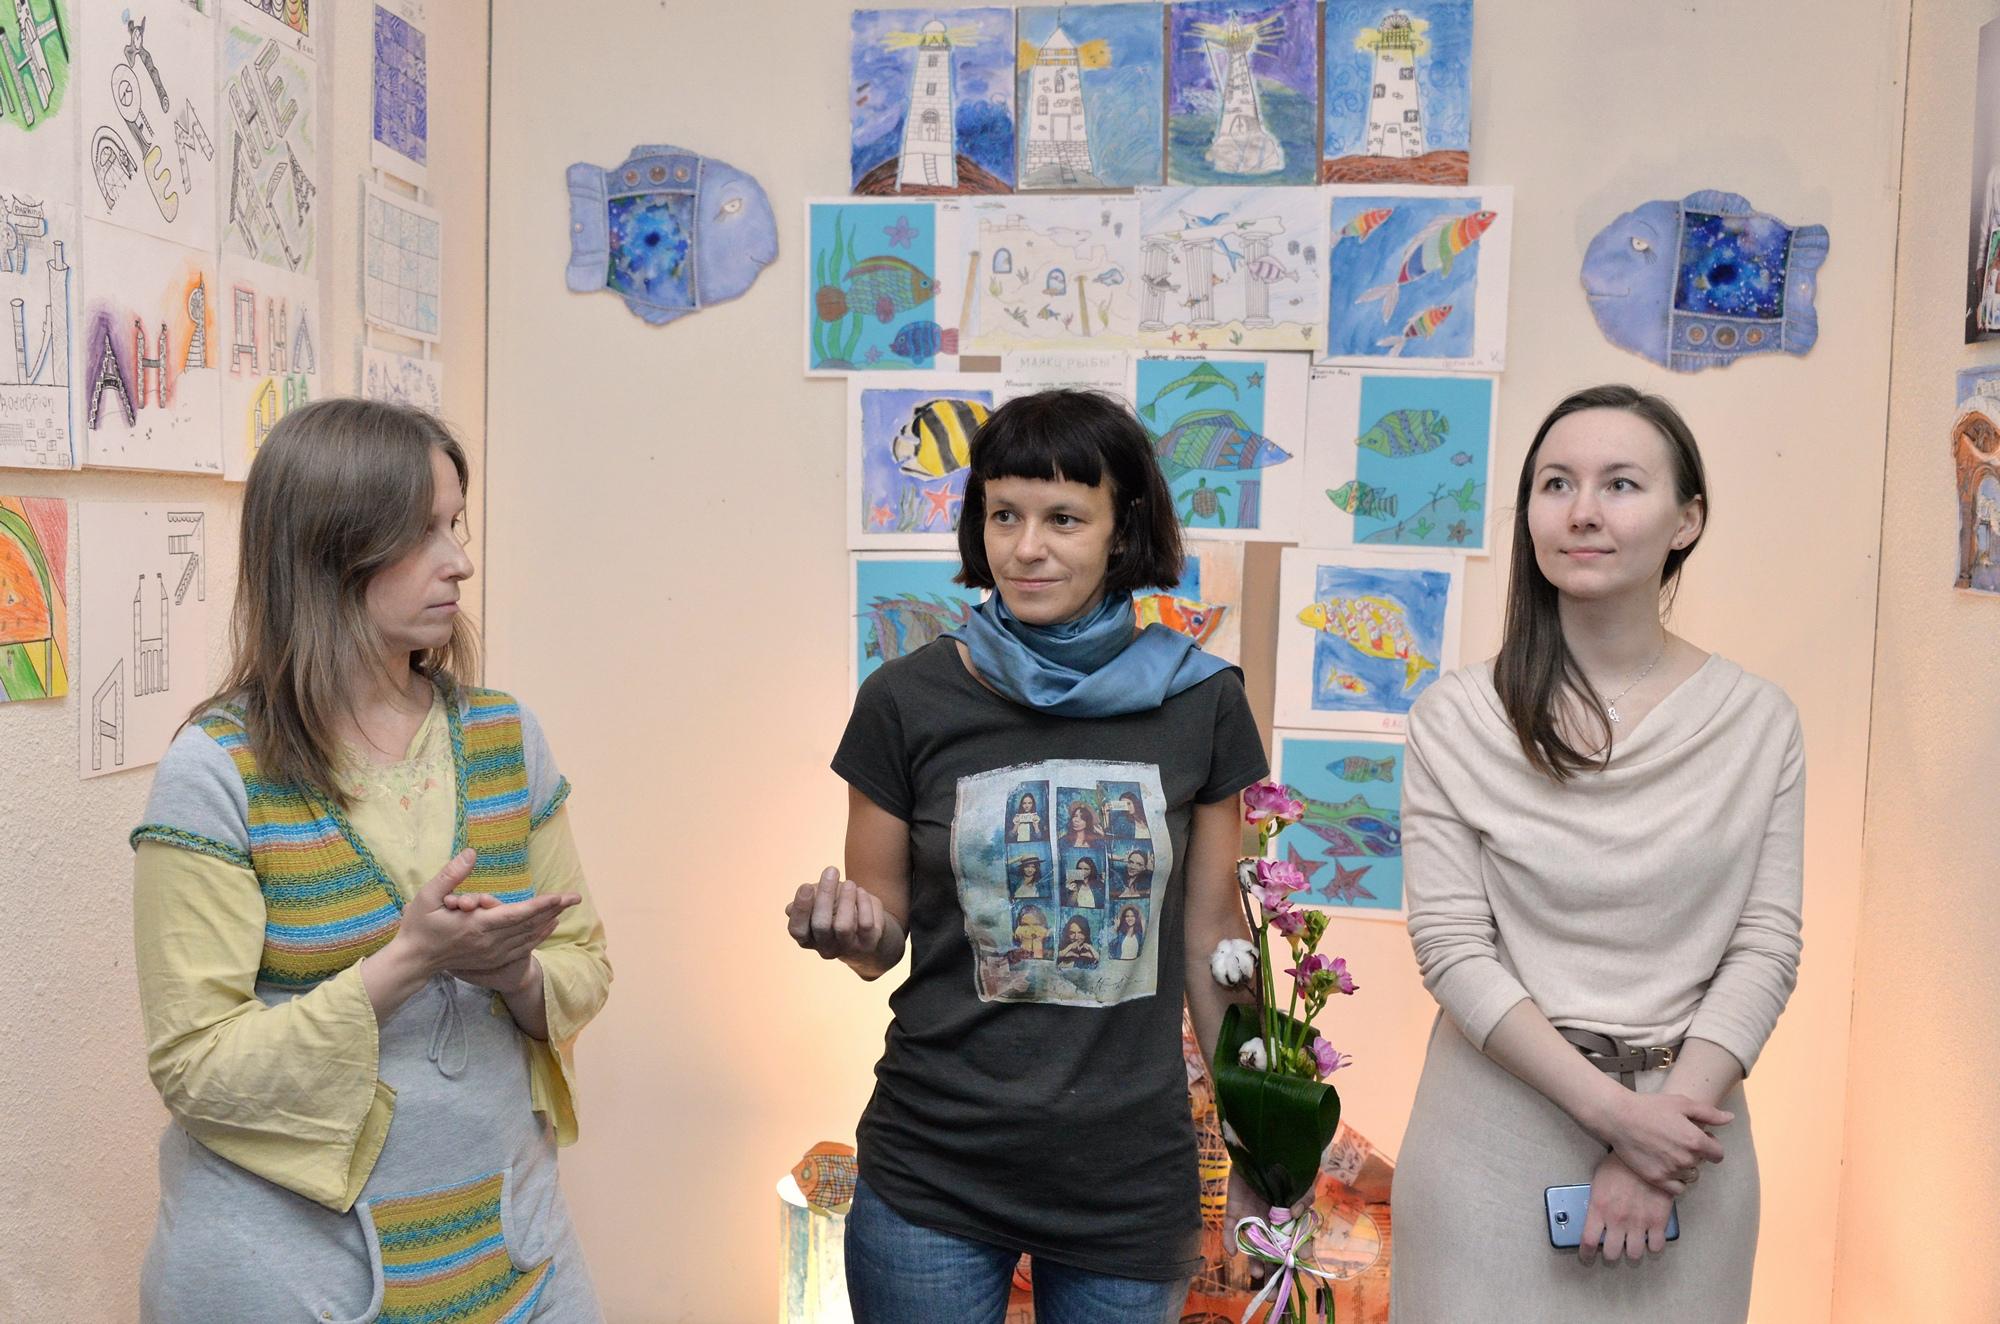 Преподаватели студии «Караколь» (слева направо): художник Елена Штенникова, художник-керамист Любовь Грачёва, архитектор Галина Бушмакина